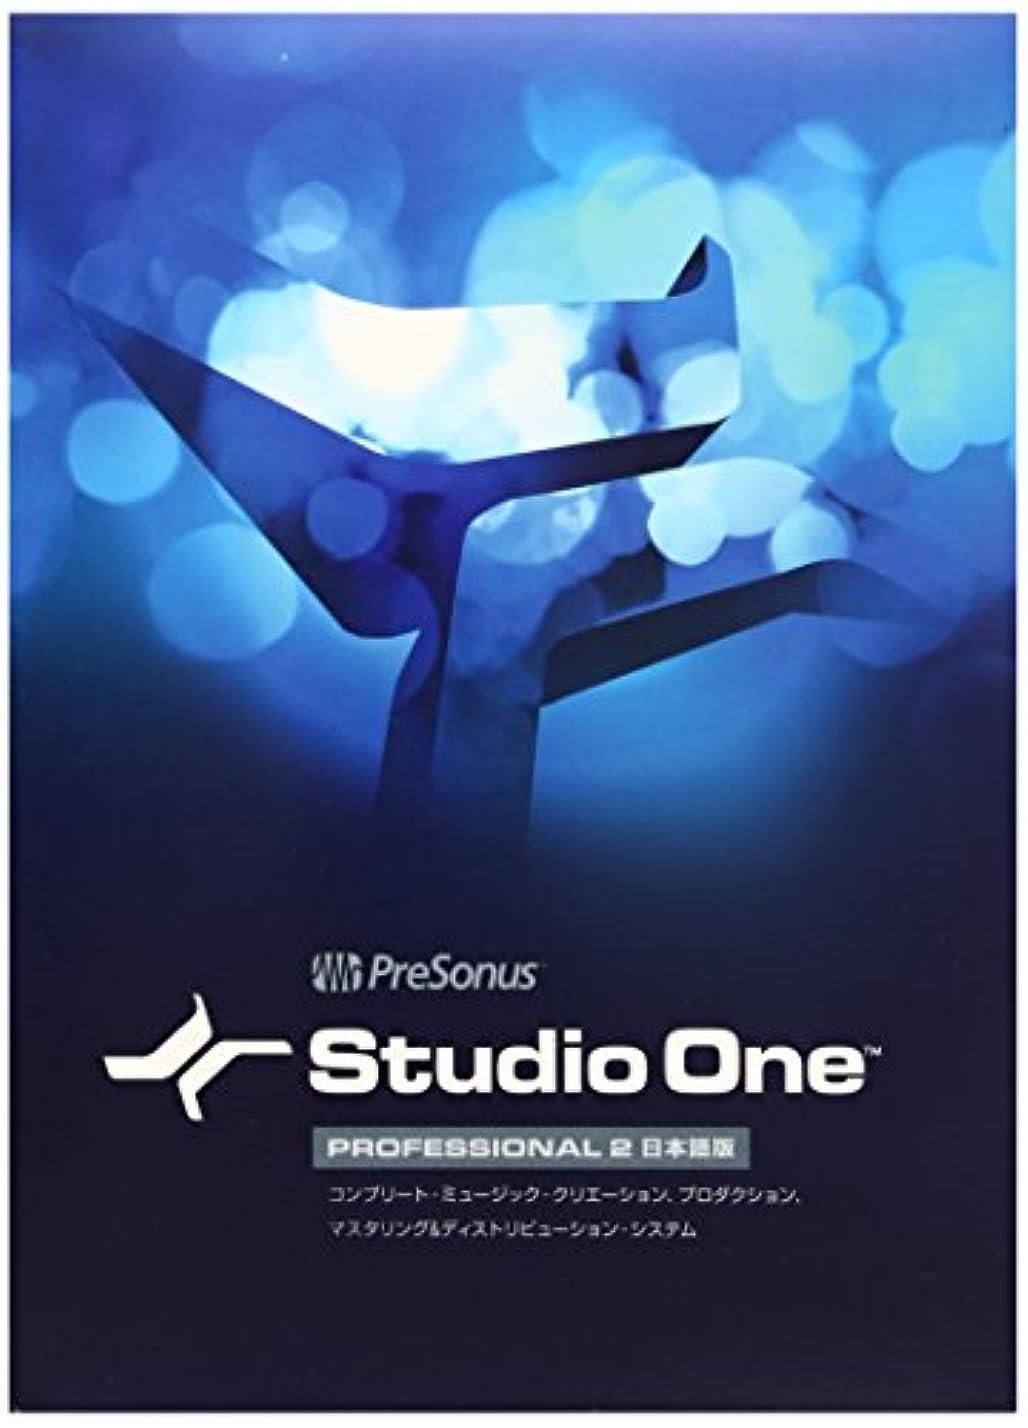 ブラストあいまい折PreSonus プリソーナス 音楽制作ソフト Studio One Professional 2